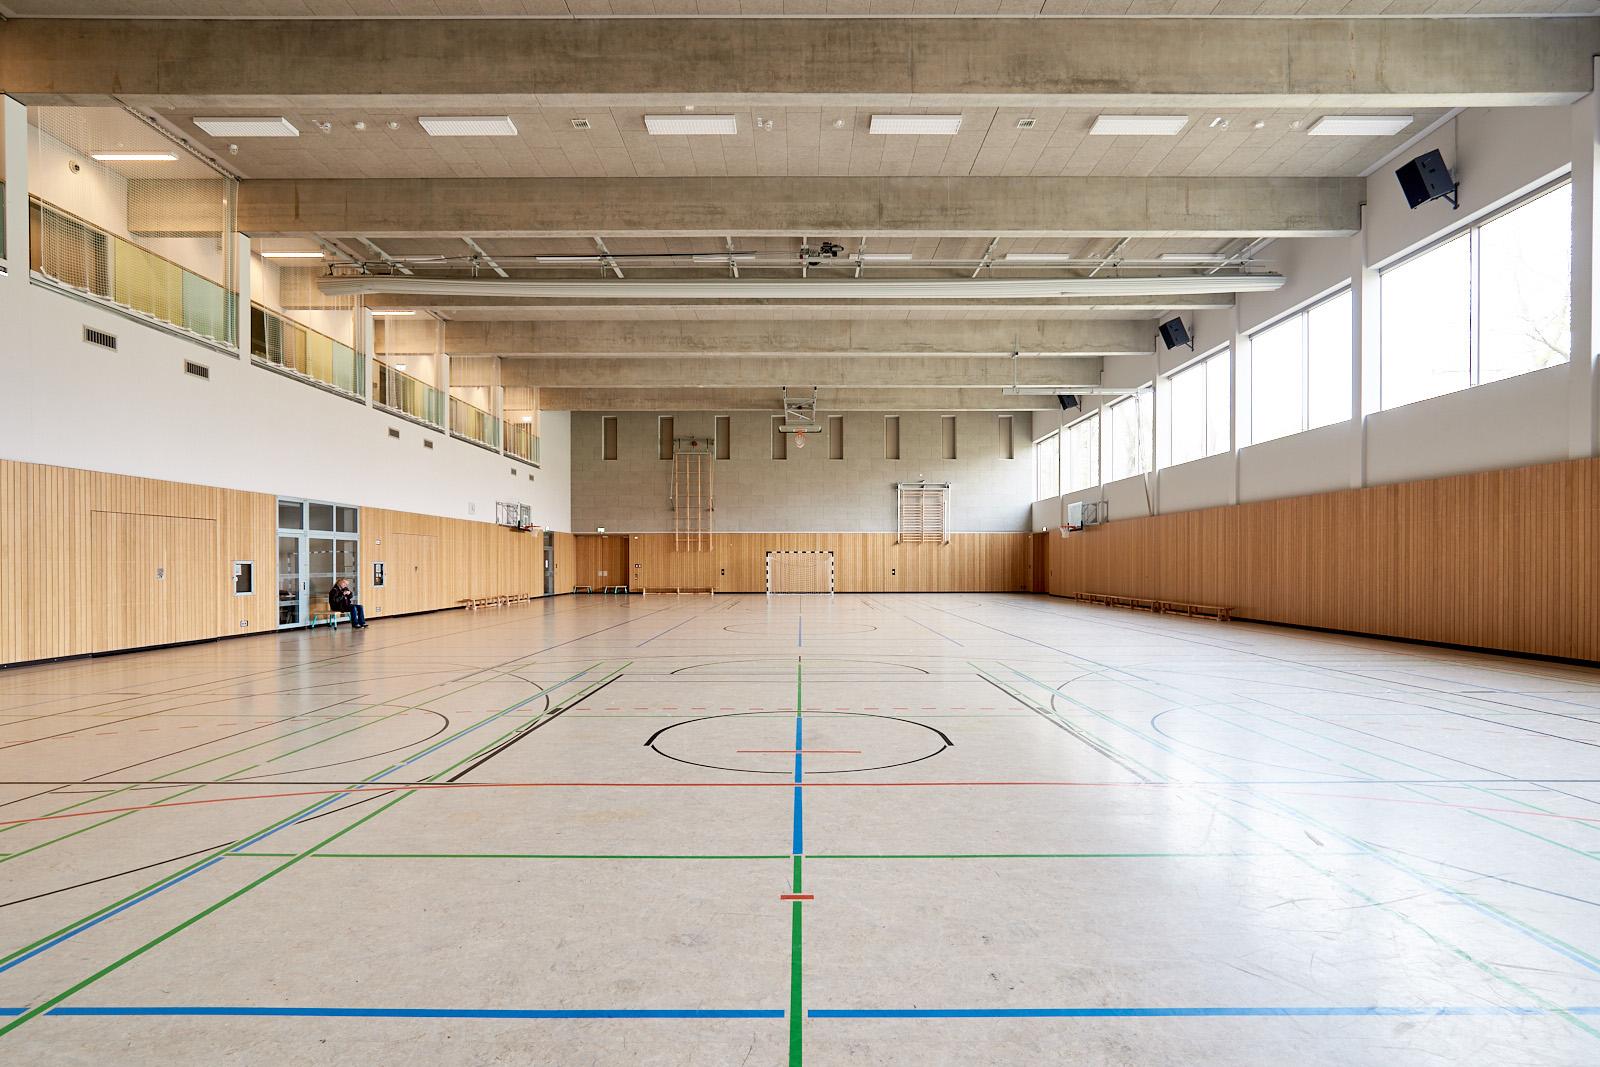 56OS_sporthalle_rl